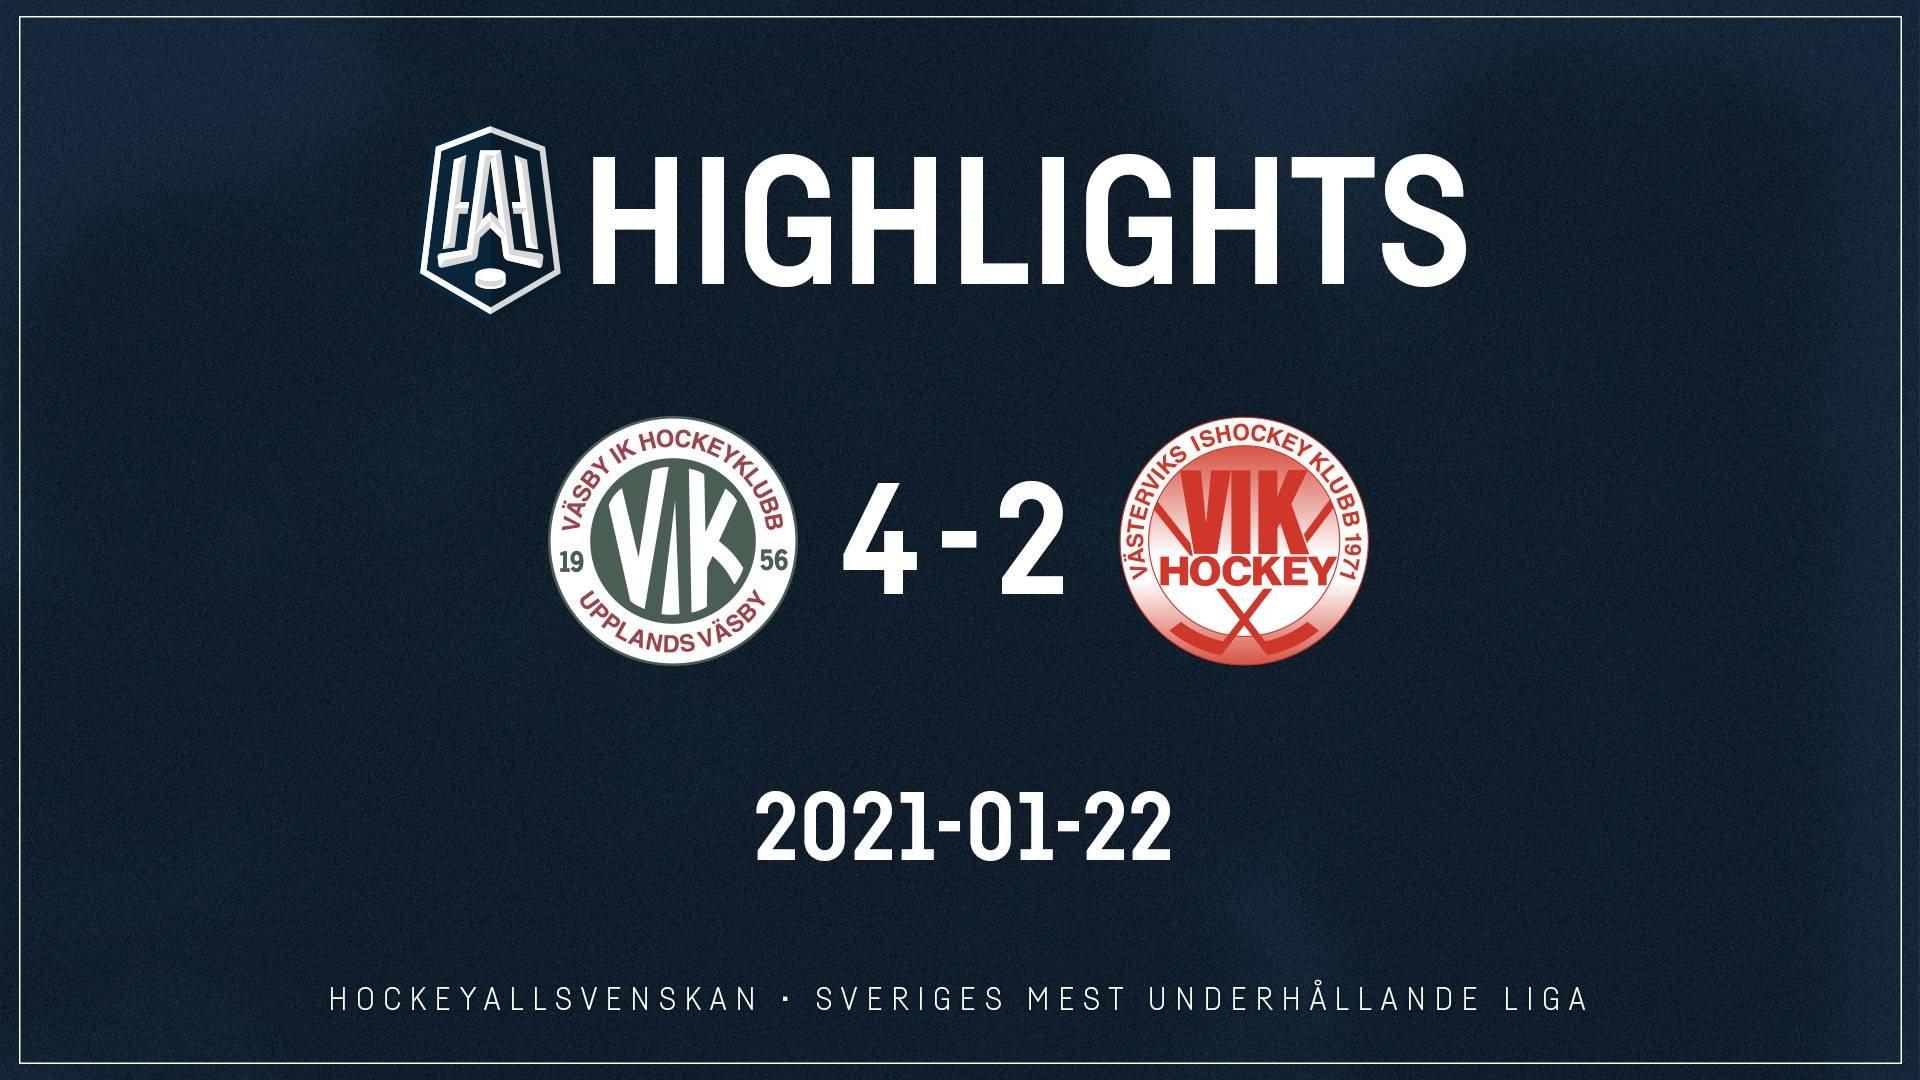 2021-01-22 Väsby - Västervik 4-2